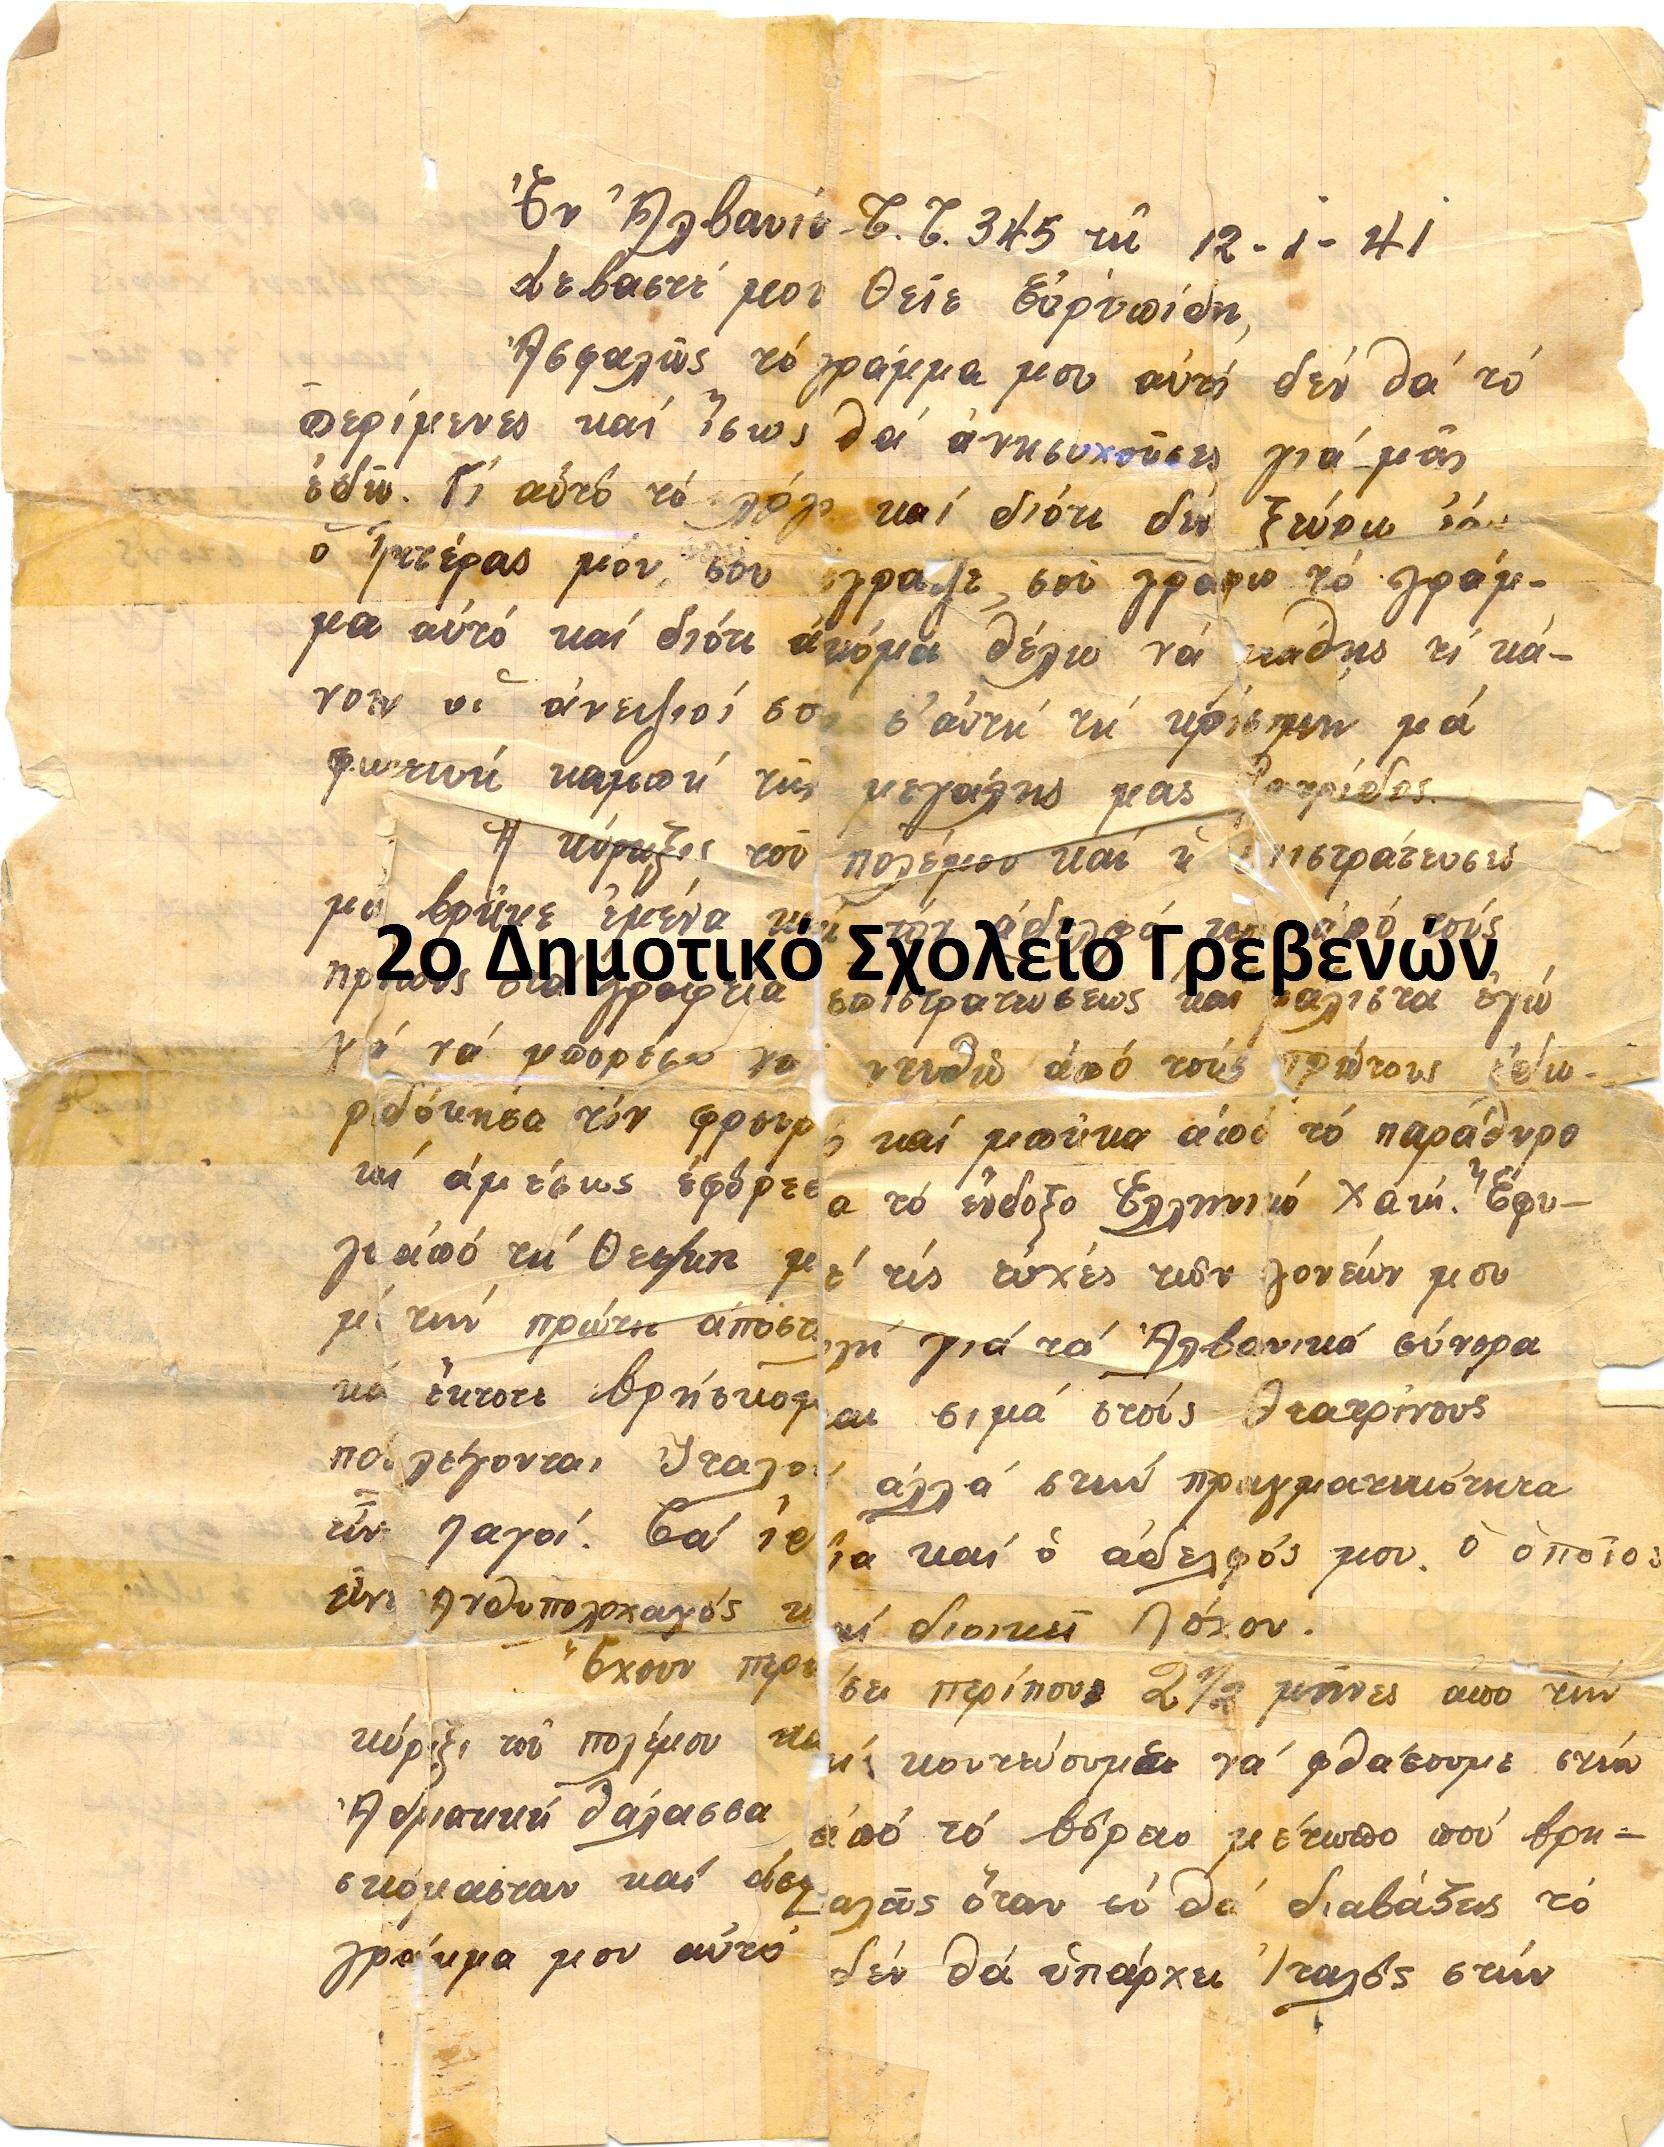 Επιστολή που έφερε μαθήτρια της τετάρτης τάξης από τον προπάππου της Βασίλη Κόντογλου στρατιώτη στο μέτωπο της Αλβανίας στις 12 Ιανουαρίου 1941